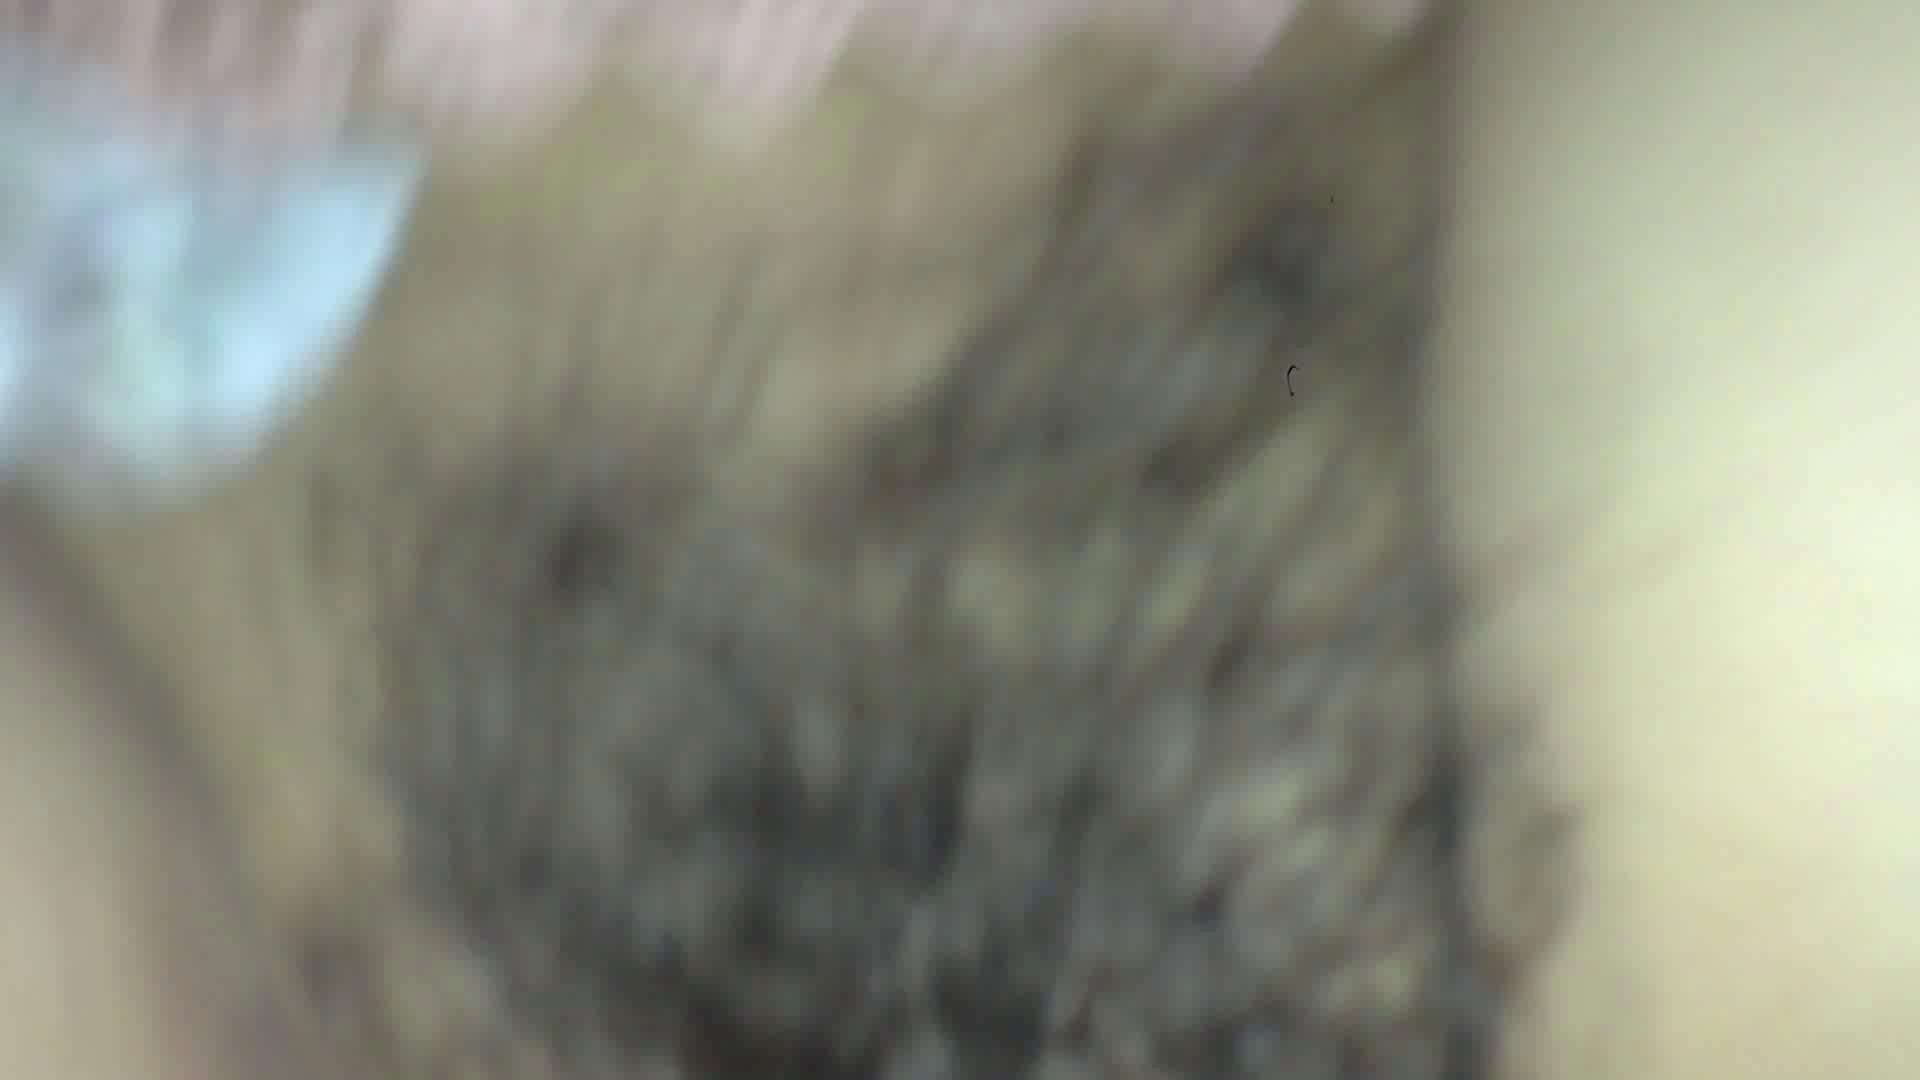 ヒトニアラズvol.5 OLの実態 | 0  95pic 39